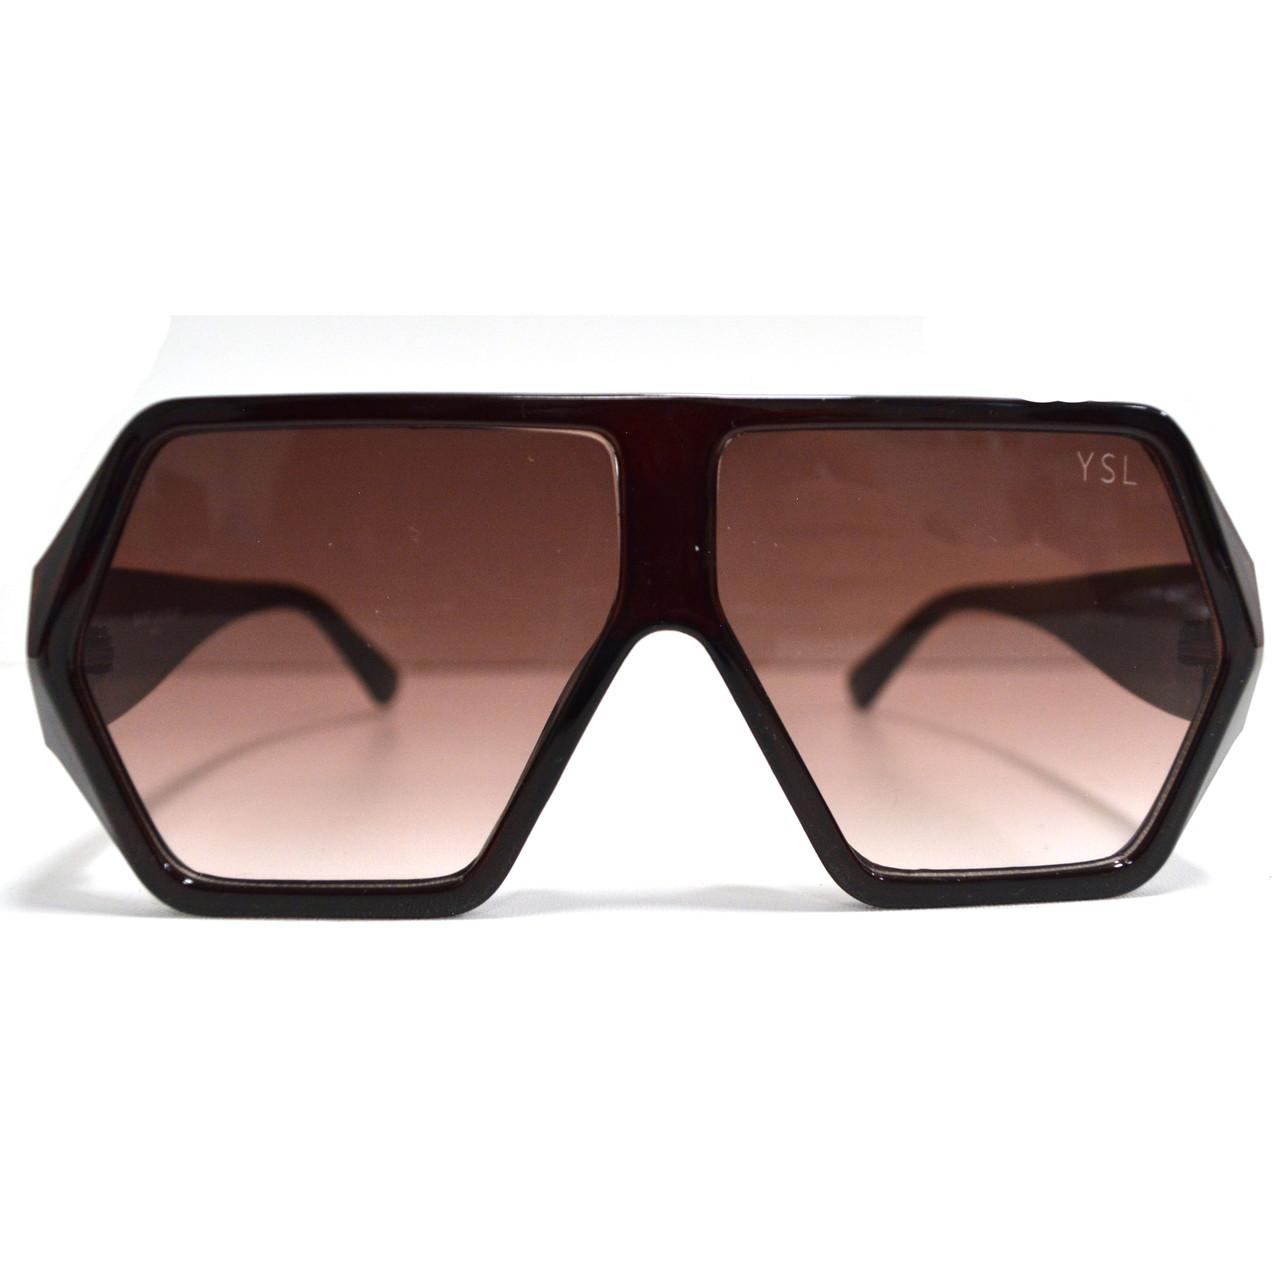 Солнцезащитные очки с коричневыми стеклами с широкой коричневой дужкой YSL 3010 - фото 4